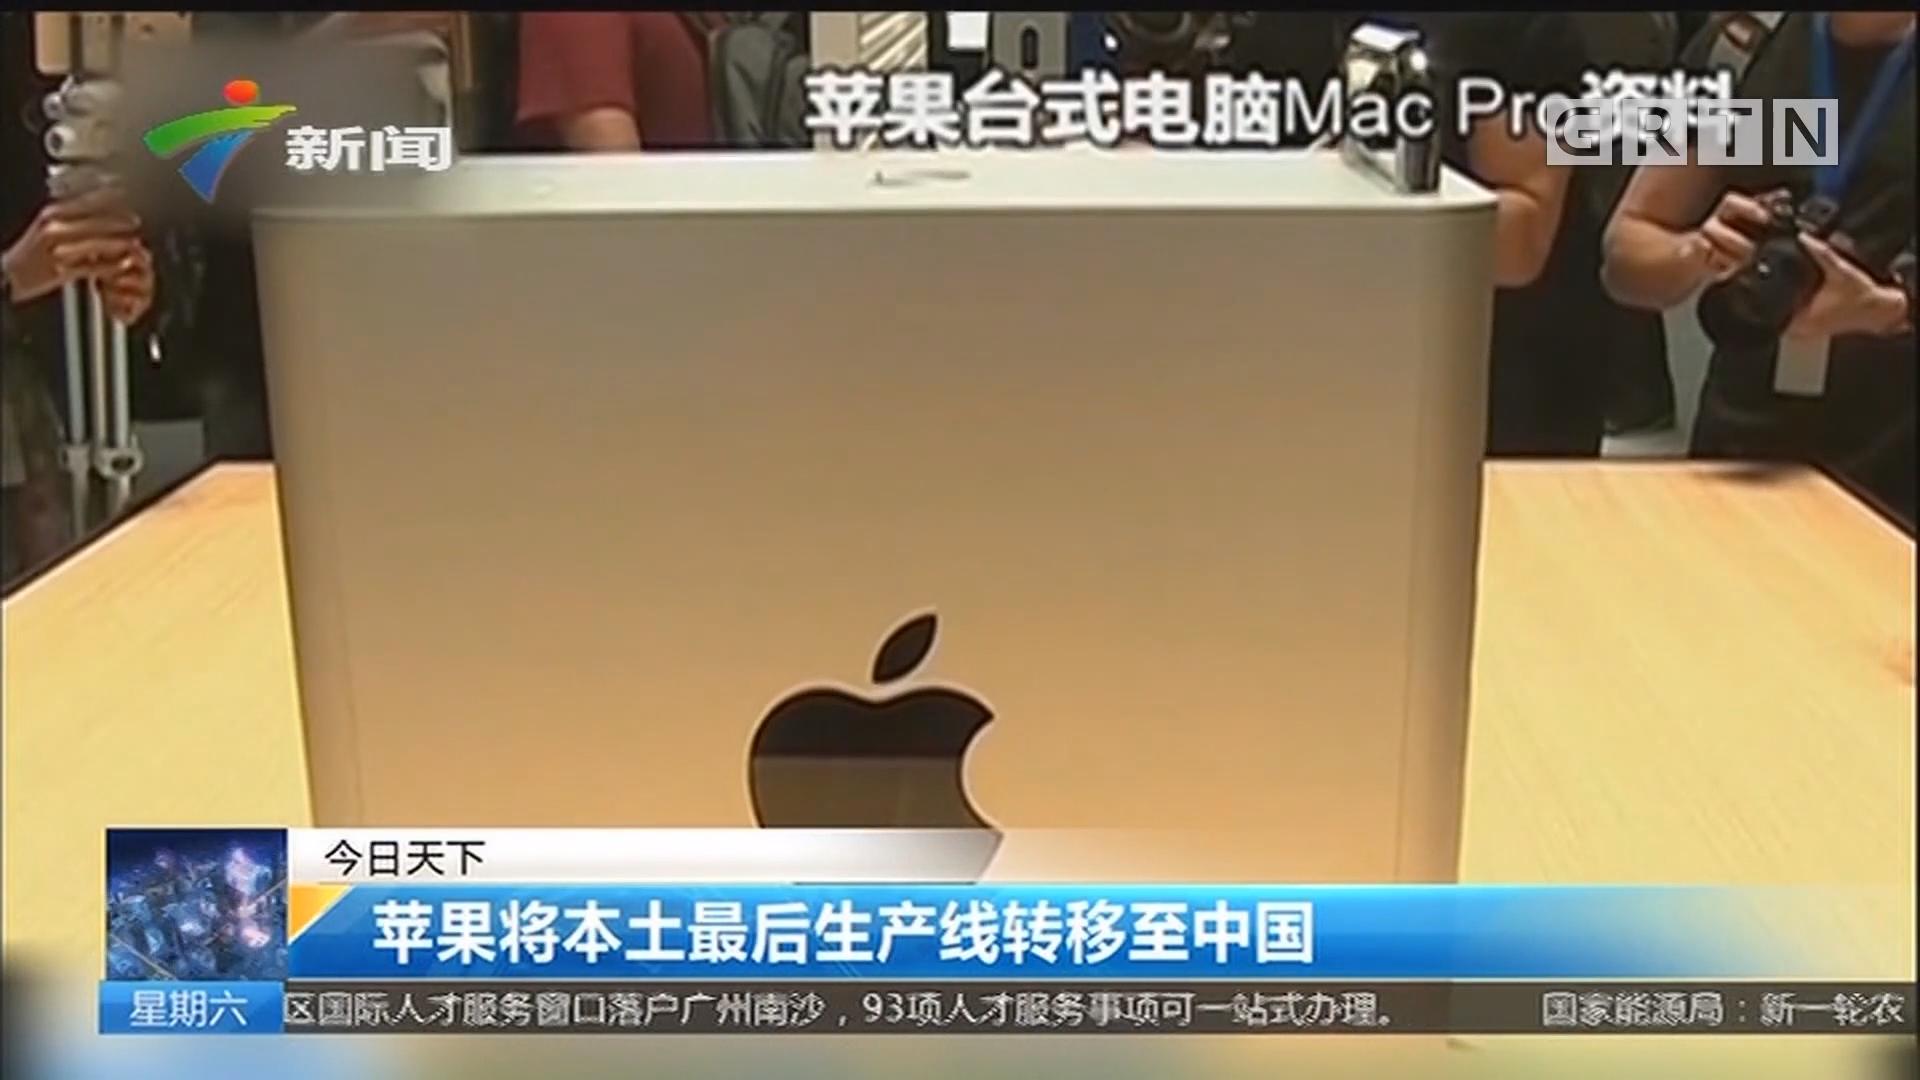 苹果将本土最后生产线转移至中国